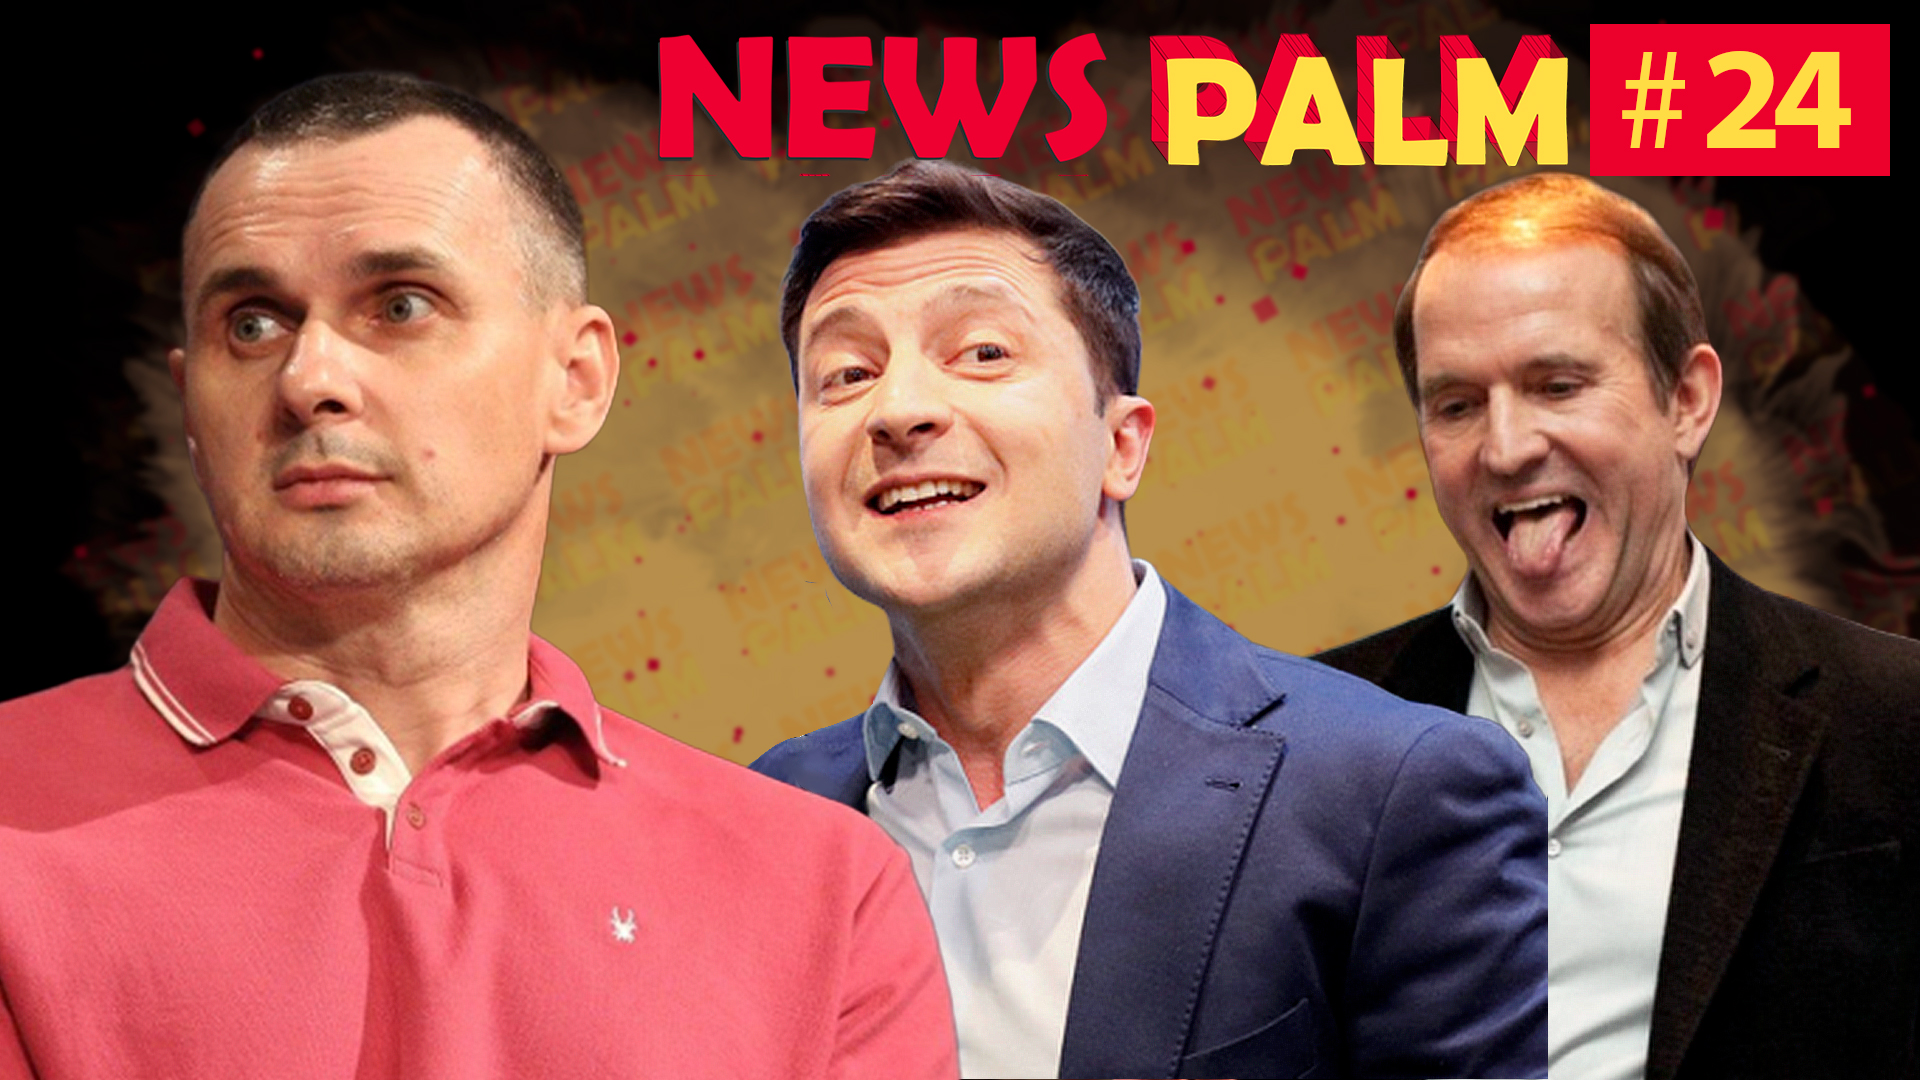 «Зеленський» хвалить Пінчука, Сенцова допитує журналіст, Медведчука несе в етері / Ньюспалм #24